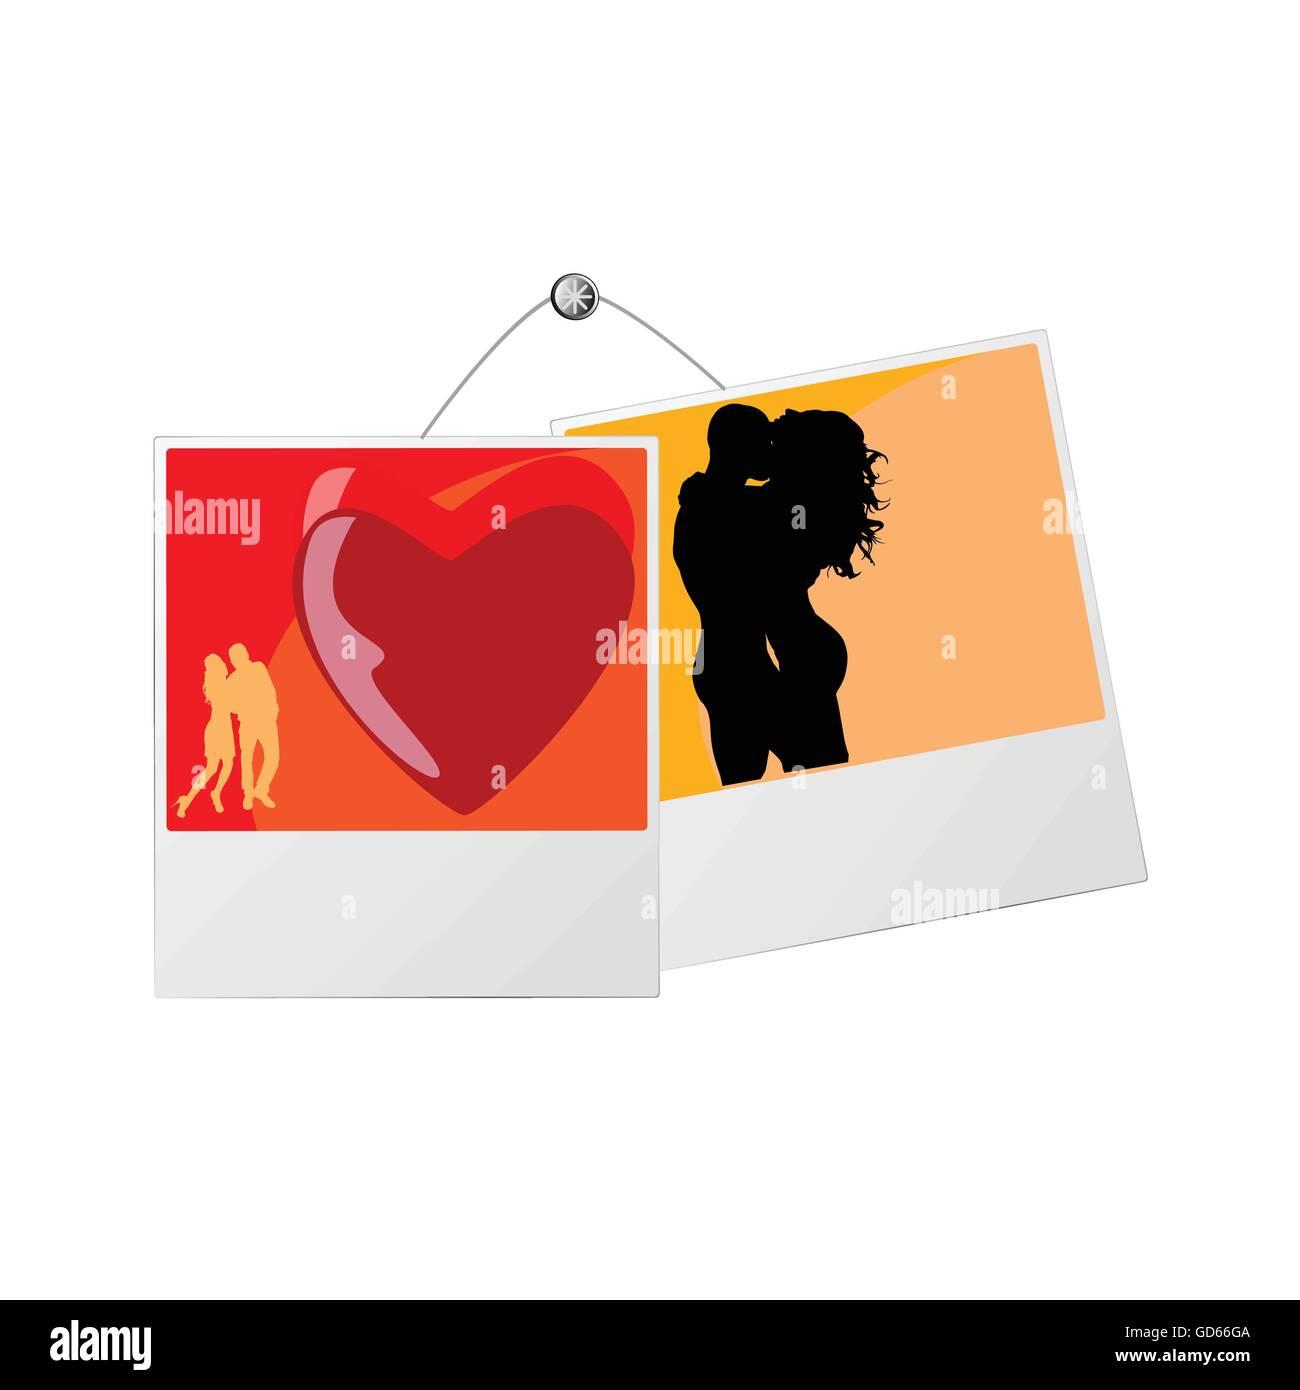 Wunderbar Liebe Online Paar Fotorahmen Bilder - Rahmen Ideen ...